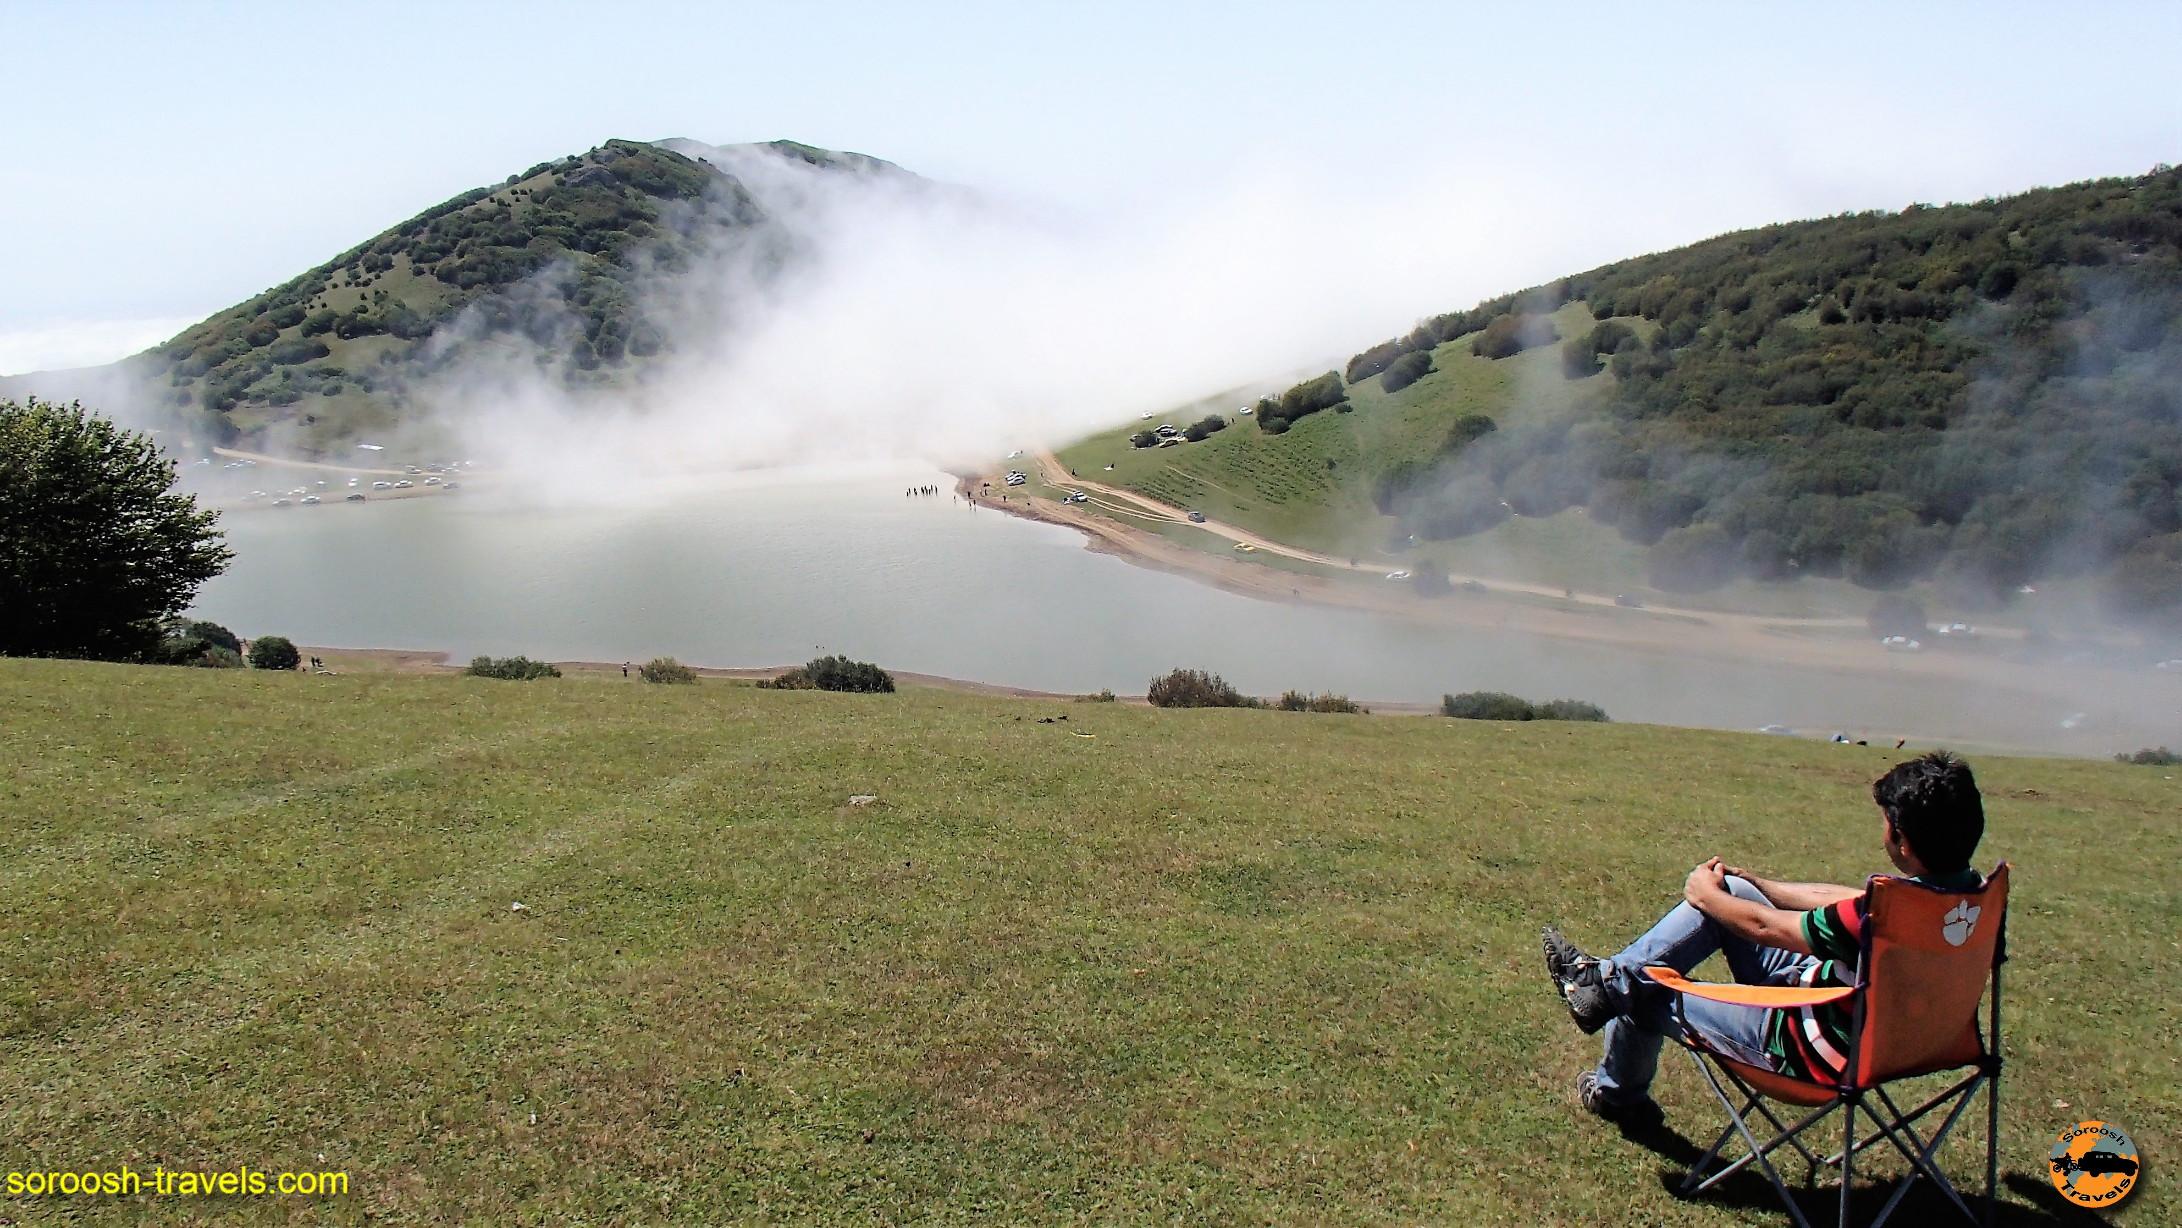 دریاچه زیبای سوها - تابستان ۱۳۹۶